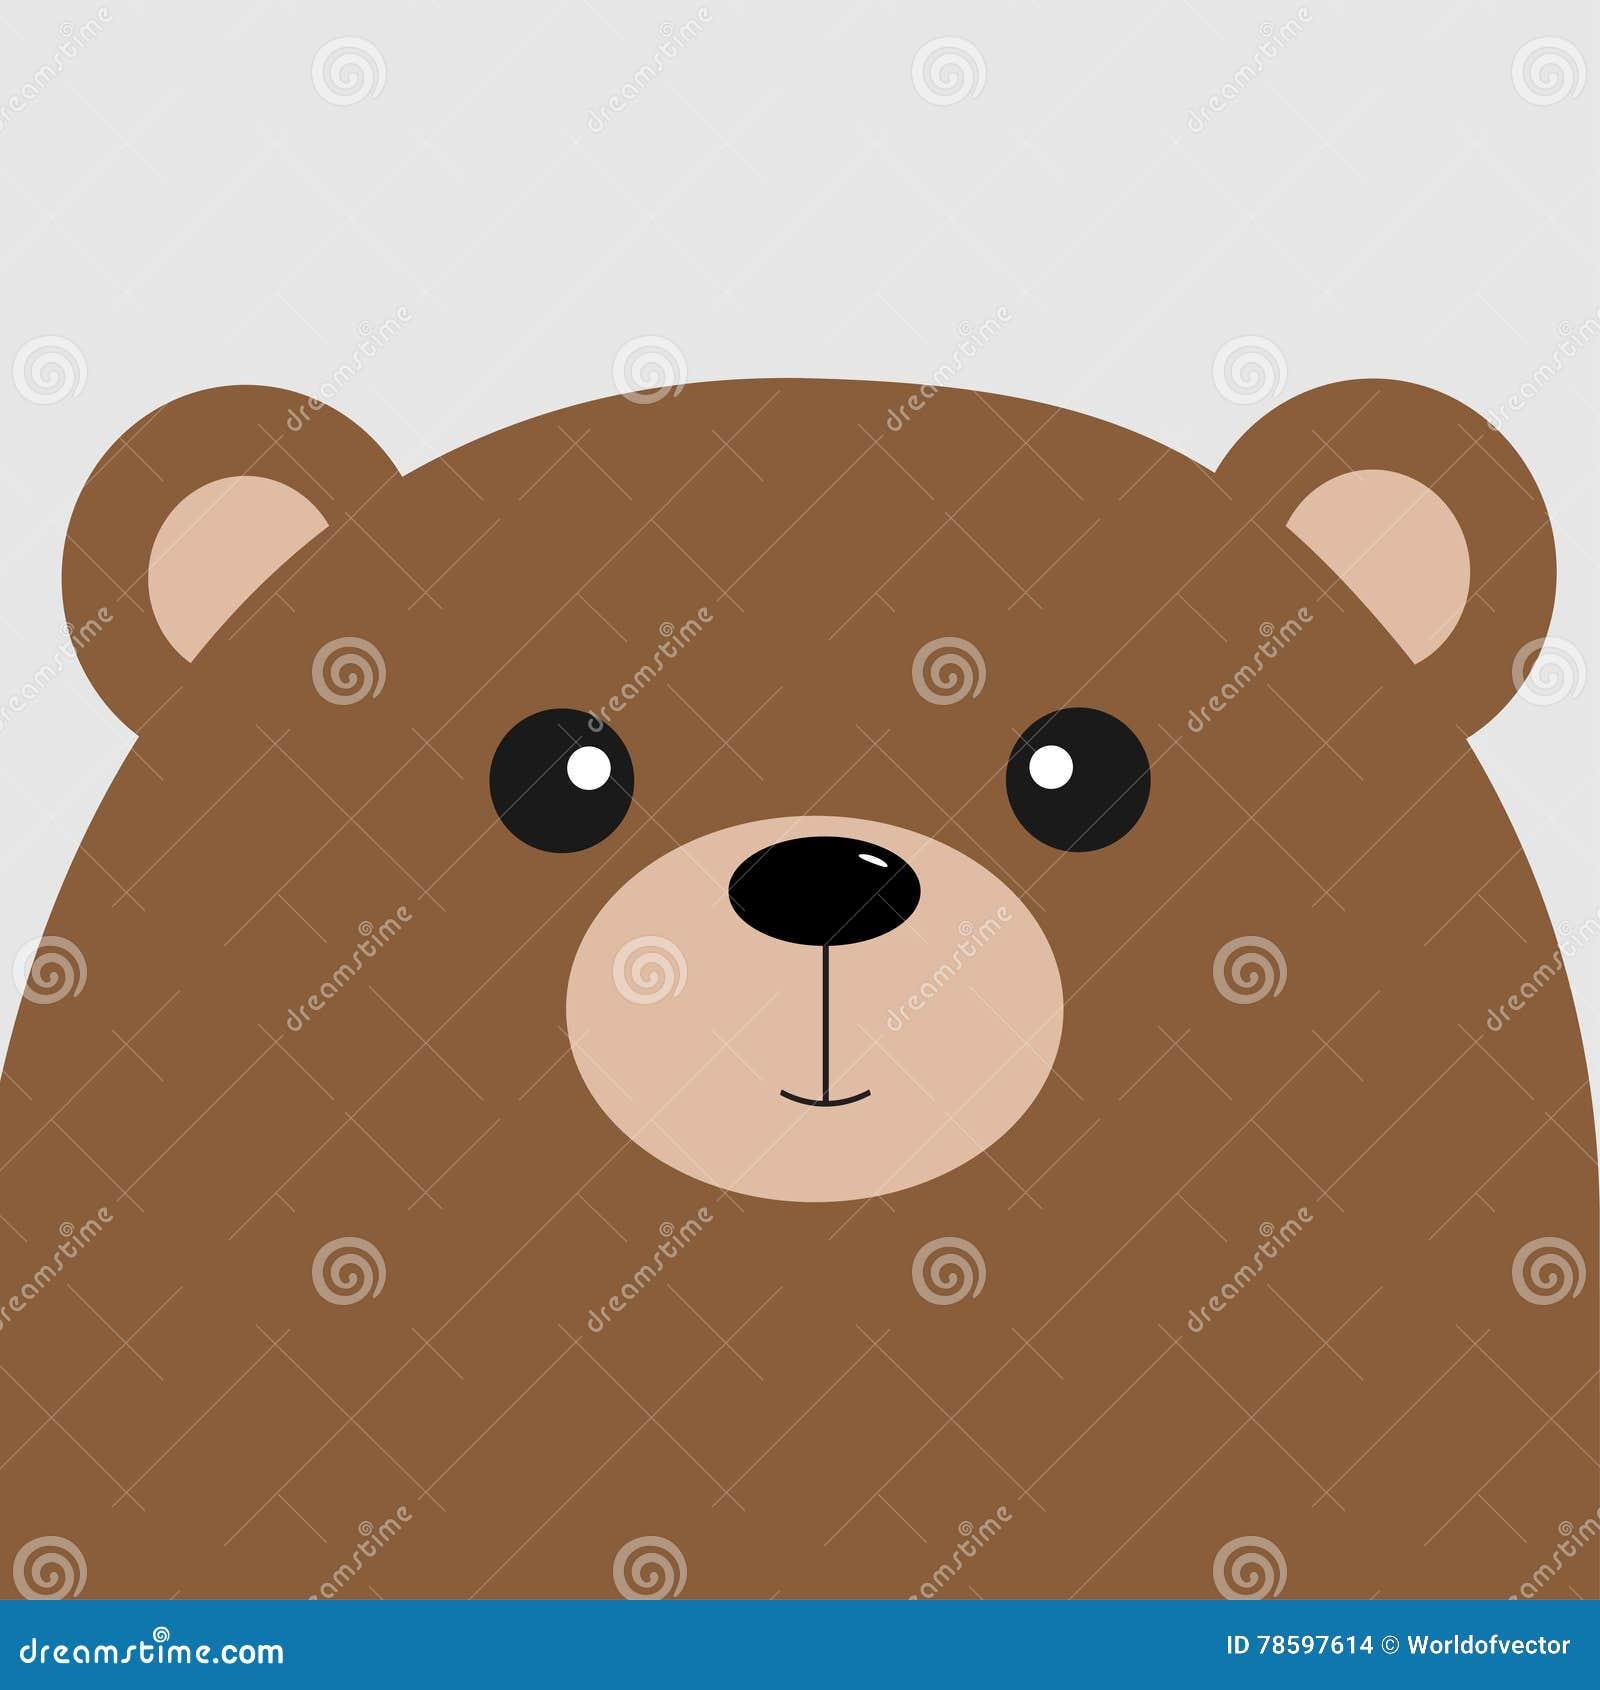 Quadro su tela orso teddy orsacchiotto fiore amore amore